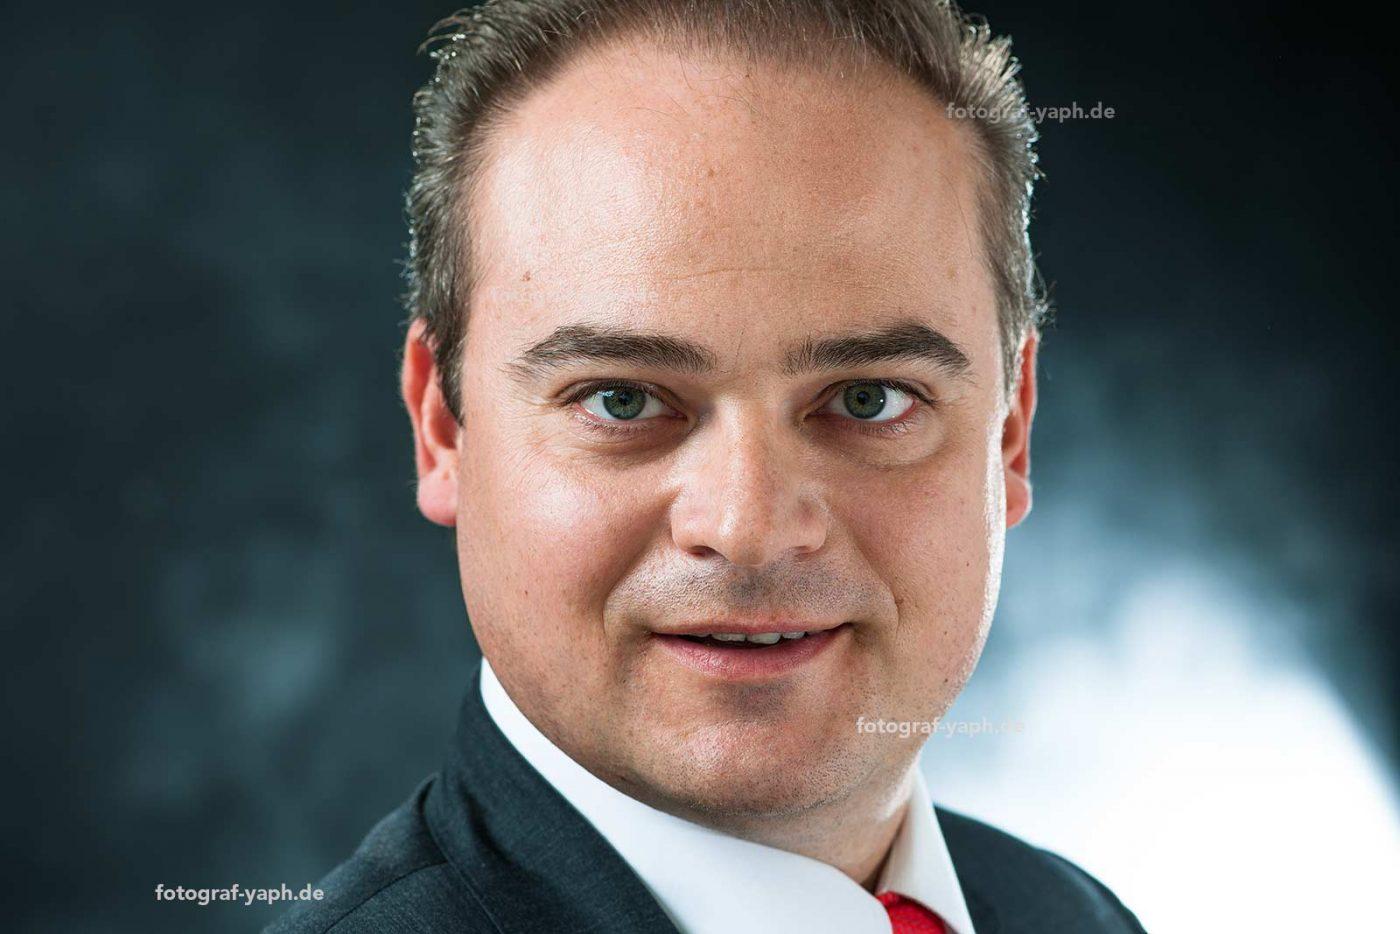 Bewerbungsfotound Businessportrait von Stephan fotografiert im Fotostudio in Trier - Yaph.